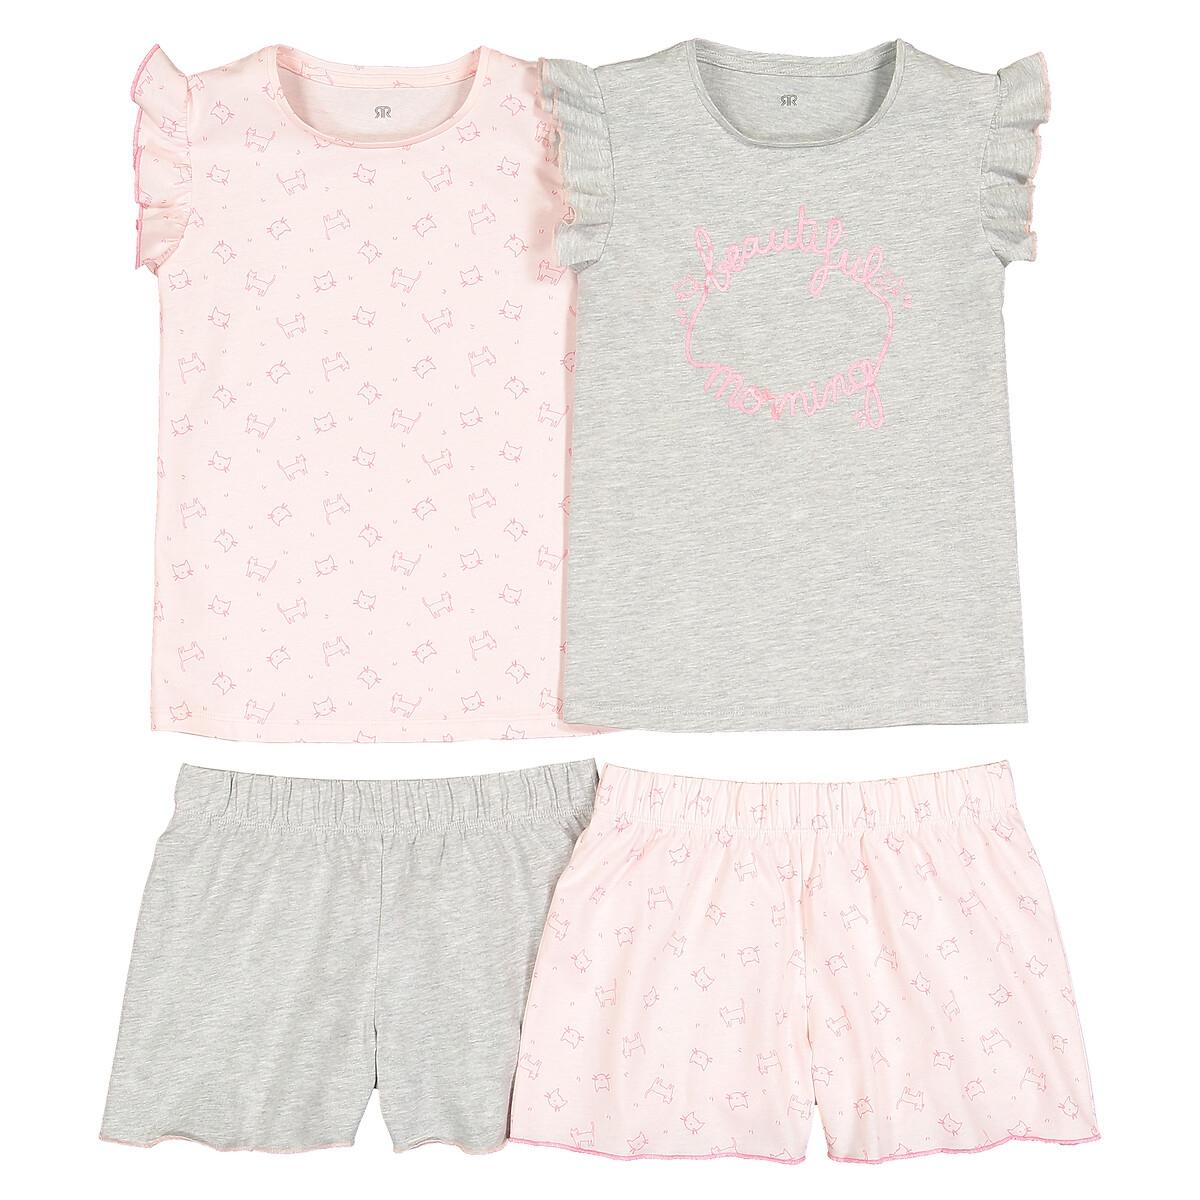 Комплект из 2 пижам из LaRedoute Хлопка с воланами 3-12 лет 4 года - 102 см розовый